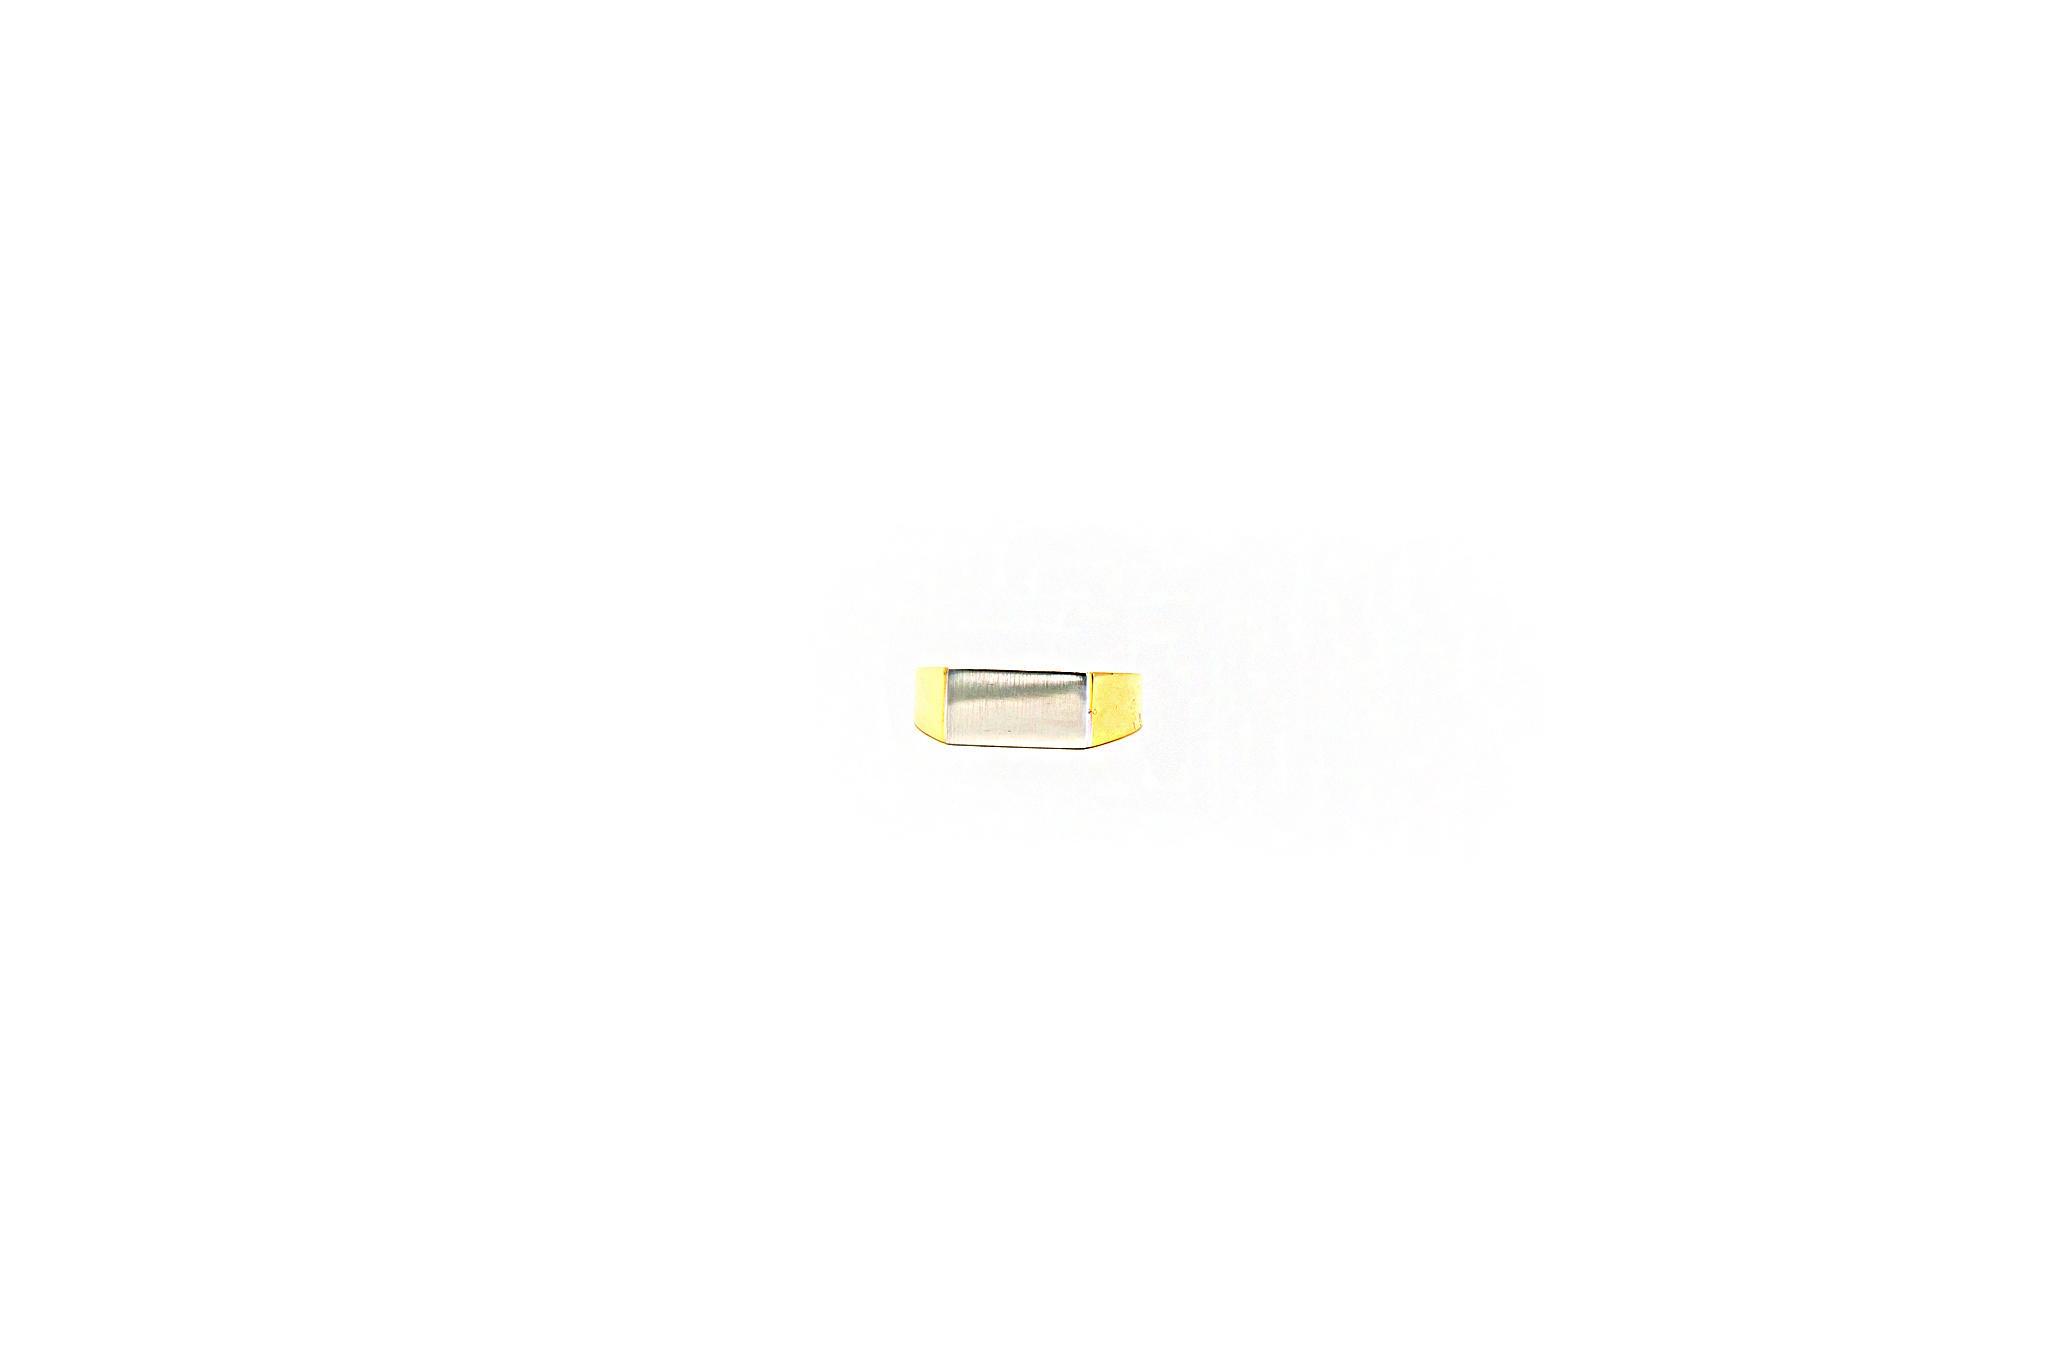 Ring zegel bicolor met mat effect-1